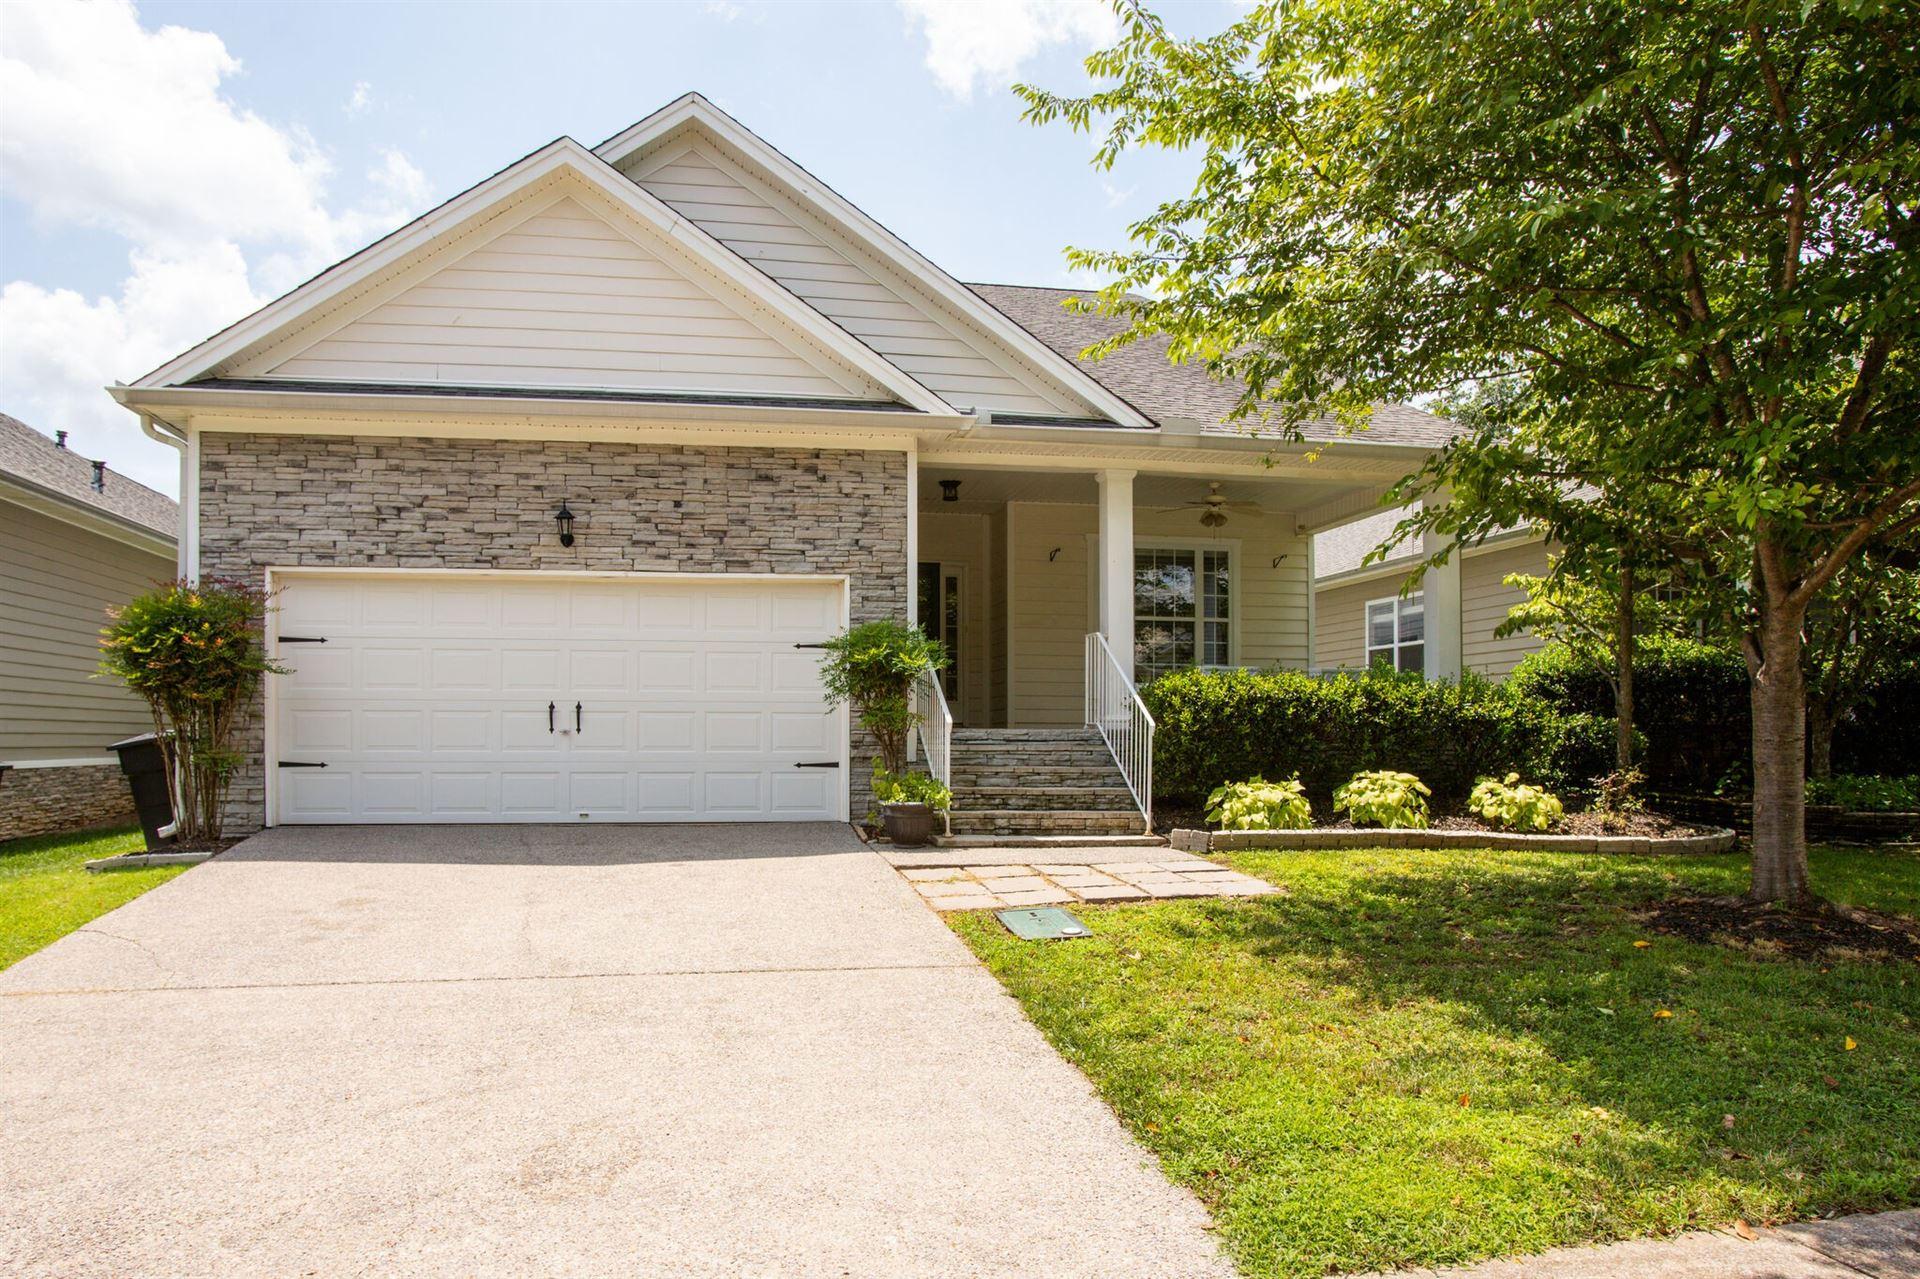 Photo of 1211 Olympia Pl, Franklin, TN 37067 (MLS # 2272110)